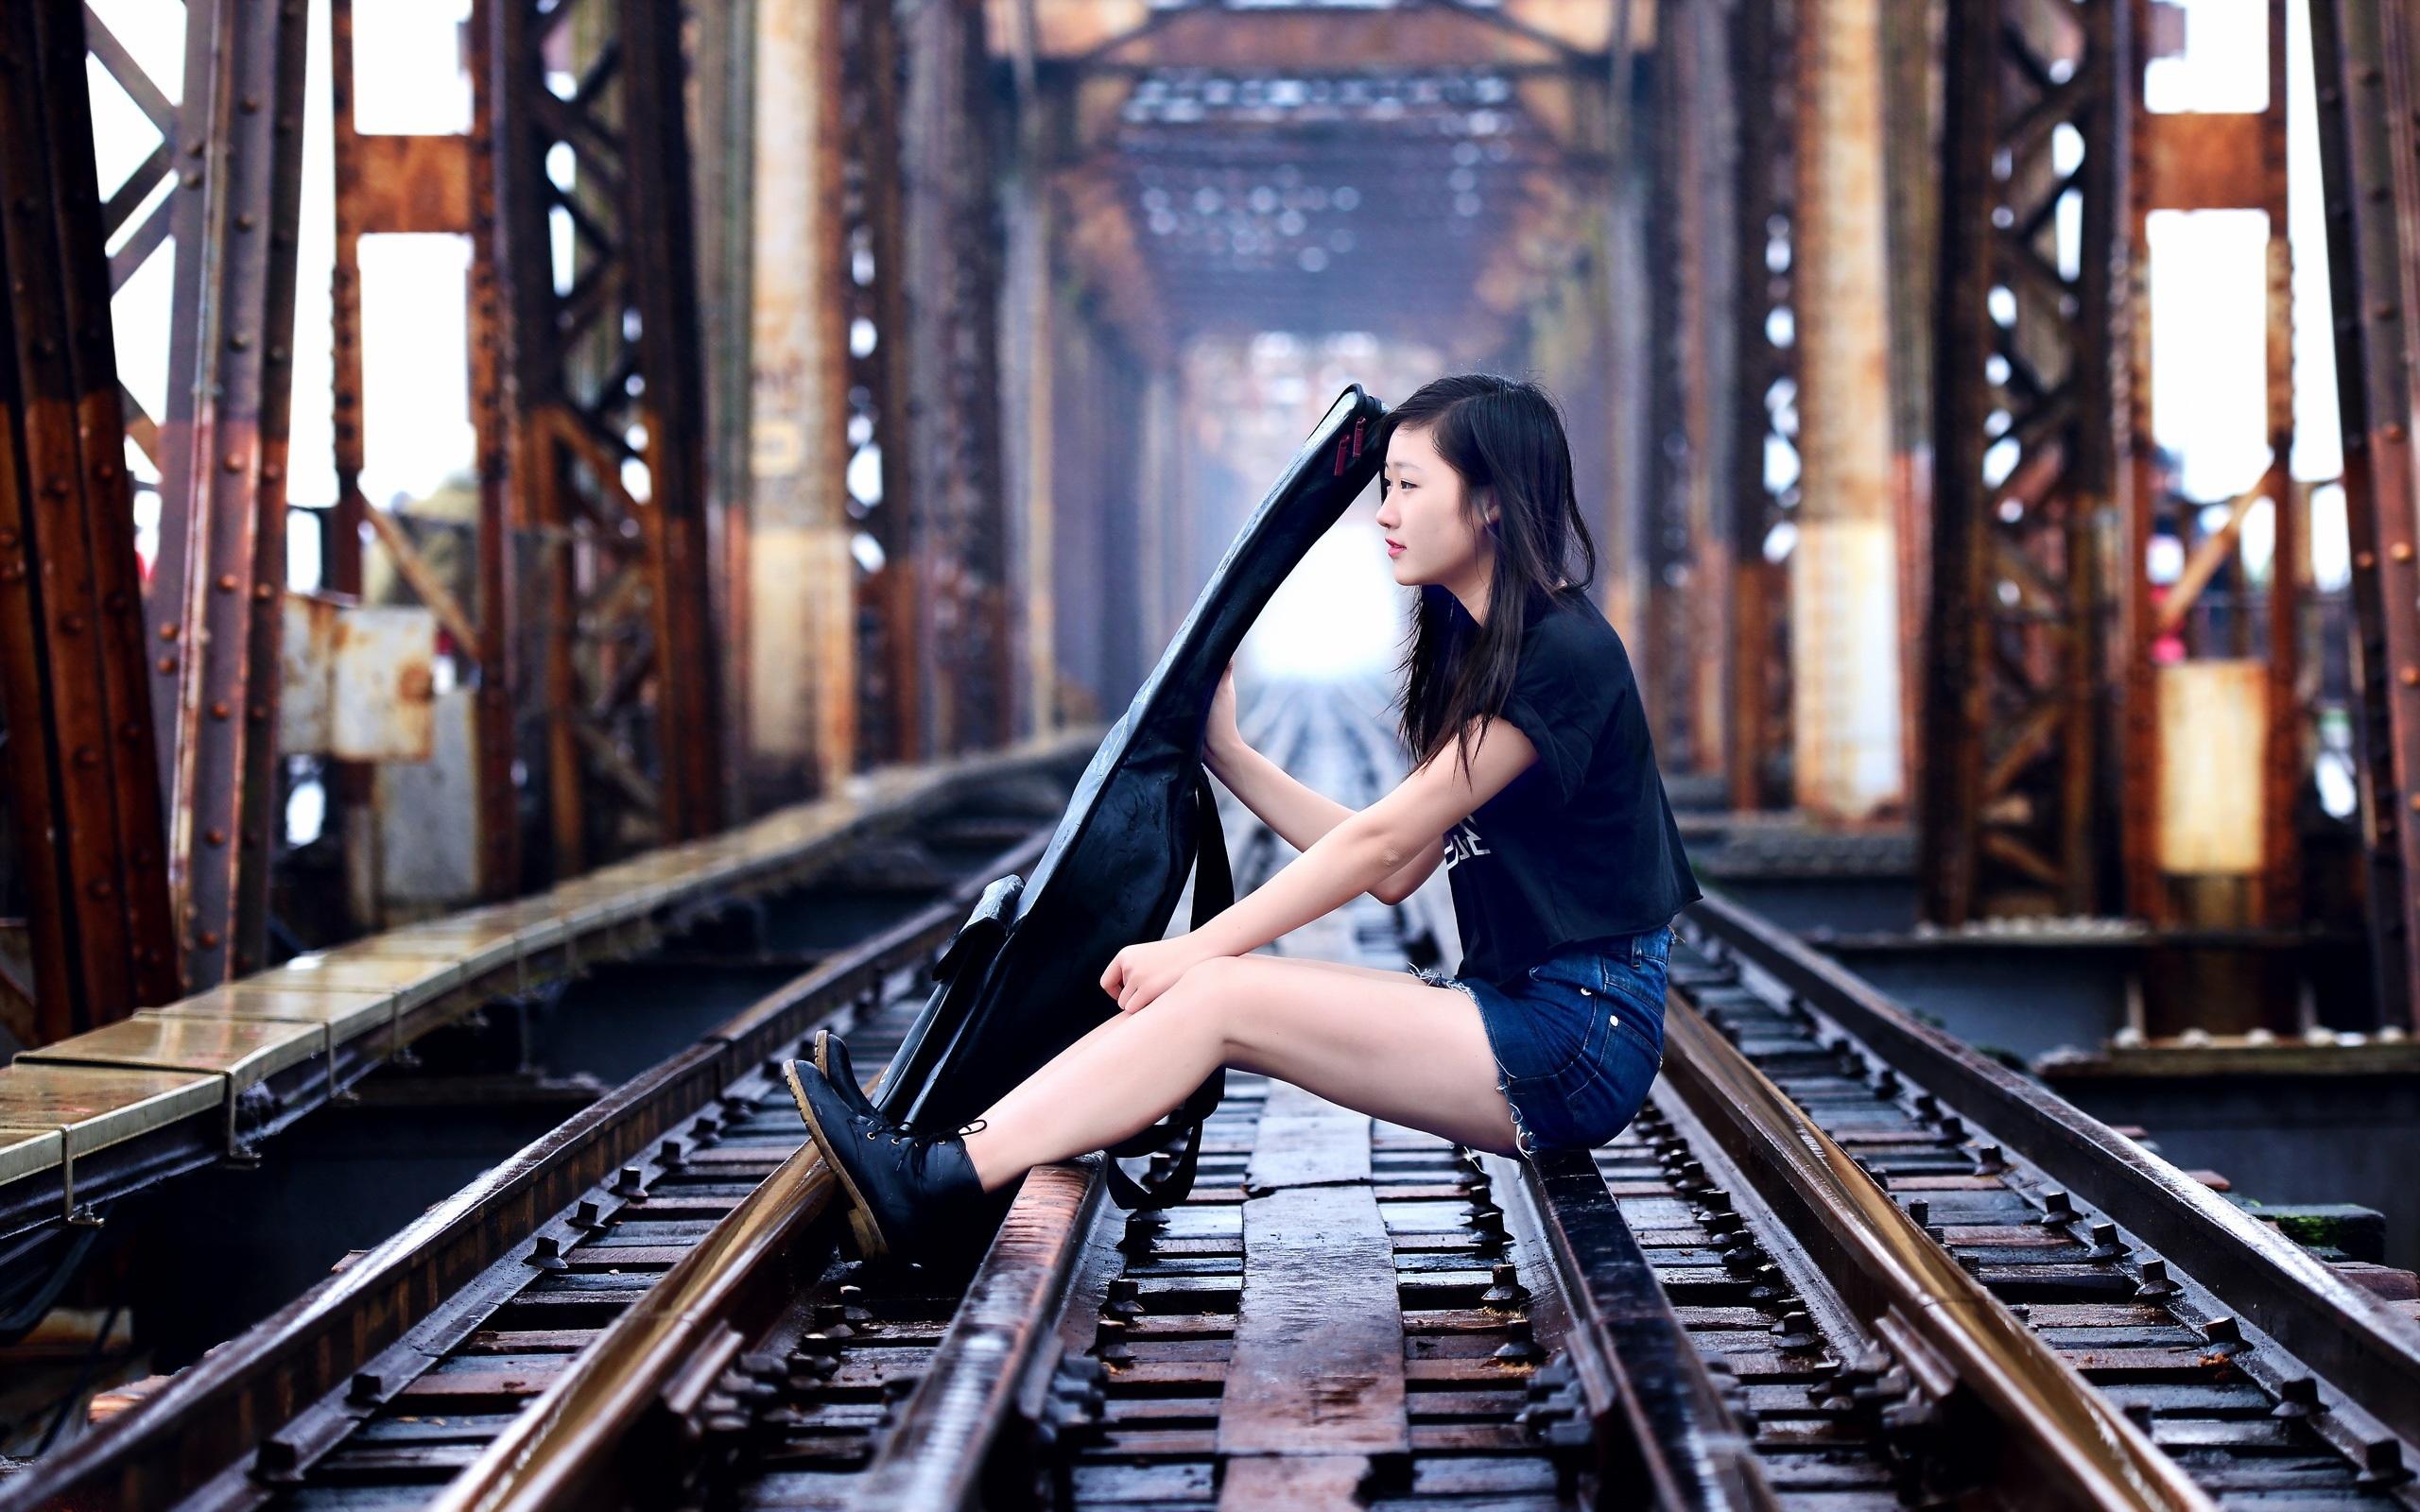 Азиатка с гитарой  № 466048 загрузить